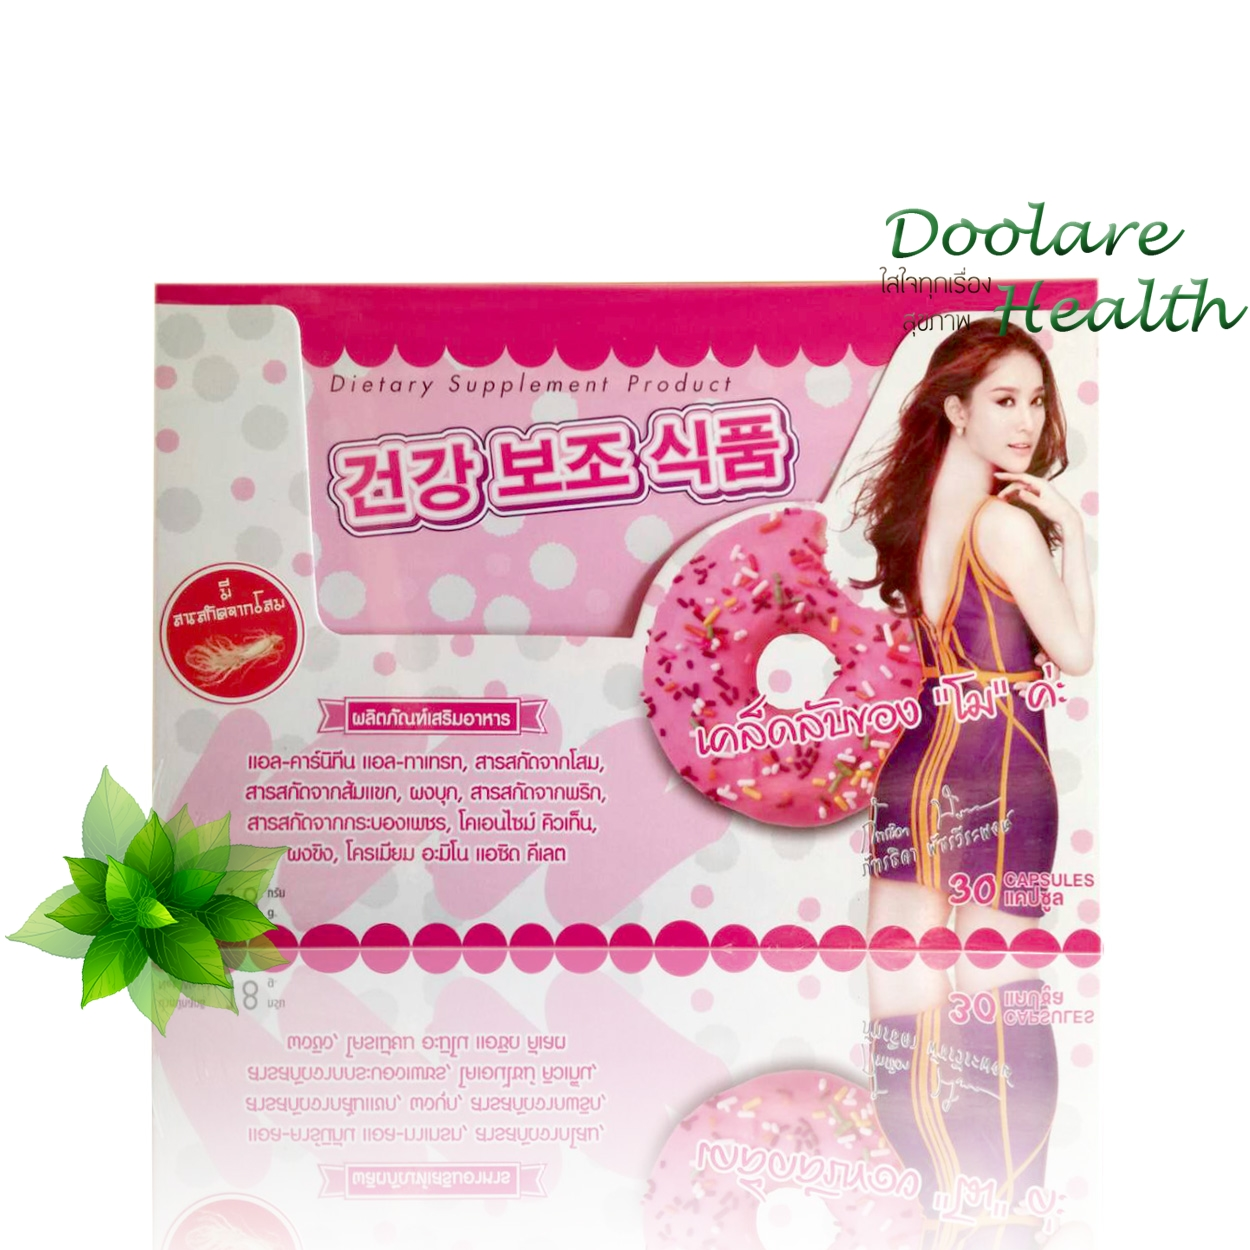 Dietary donutt สูตรใหม่ ปกเกาหลี 30 แคปซูล 300 บาท ส่งฟรี ลทบ.